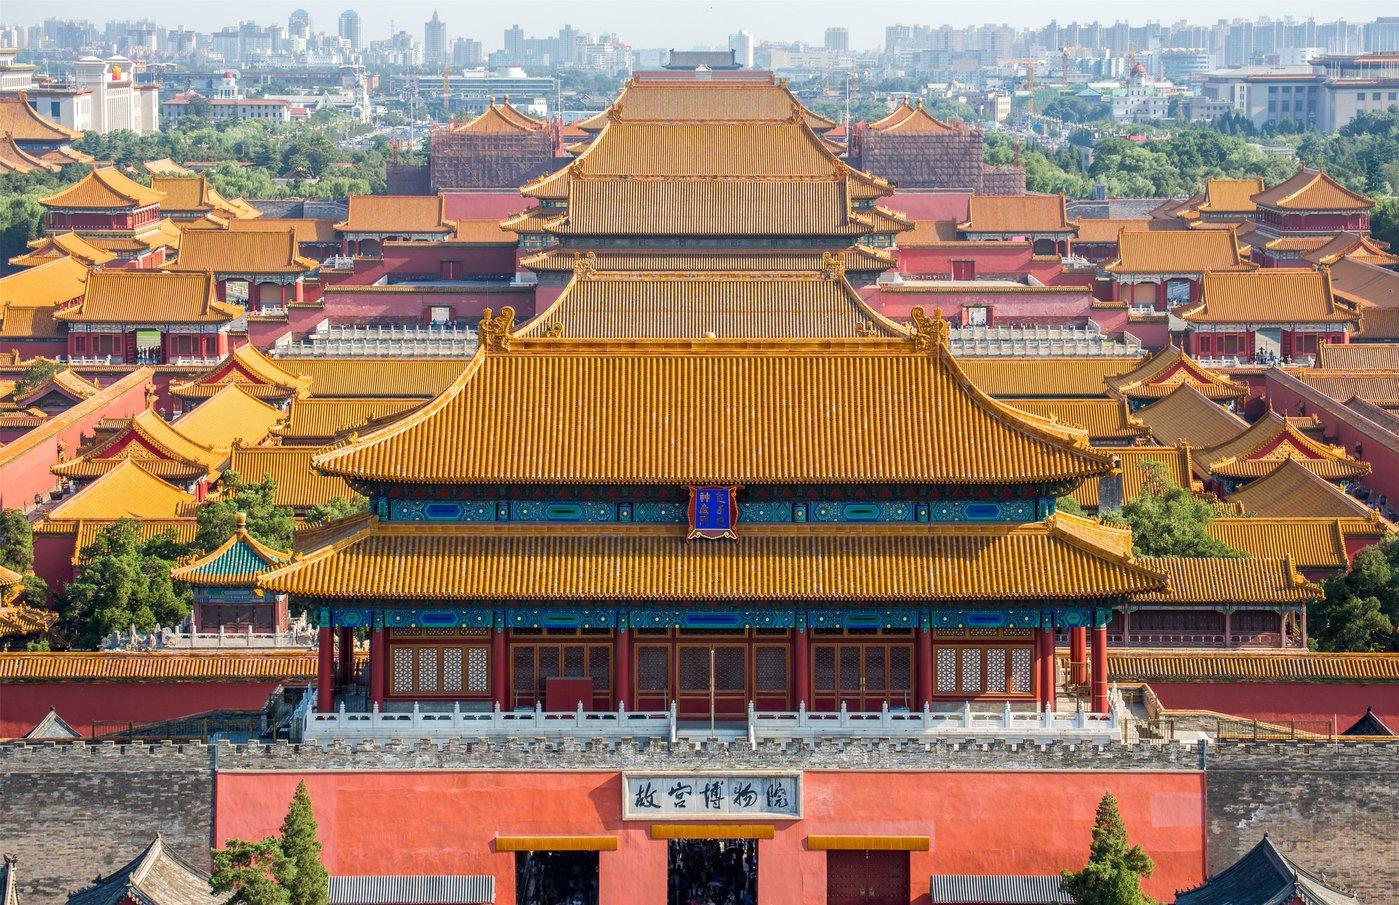 故宫博物院,图片来源@全景视觉